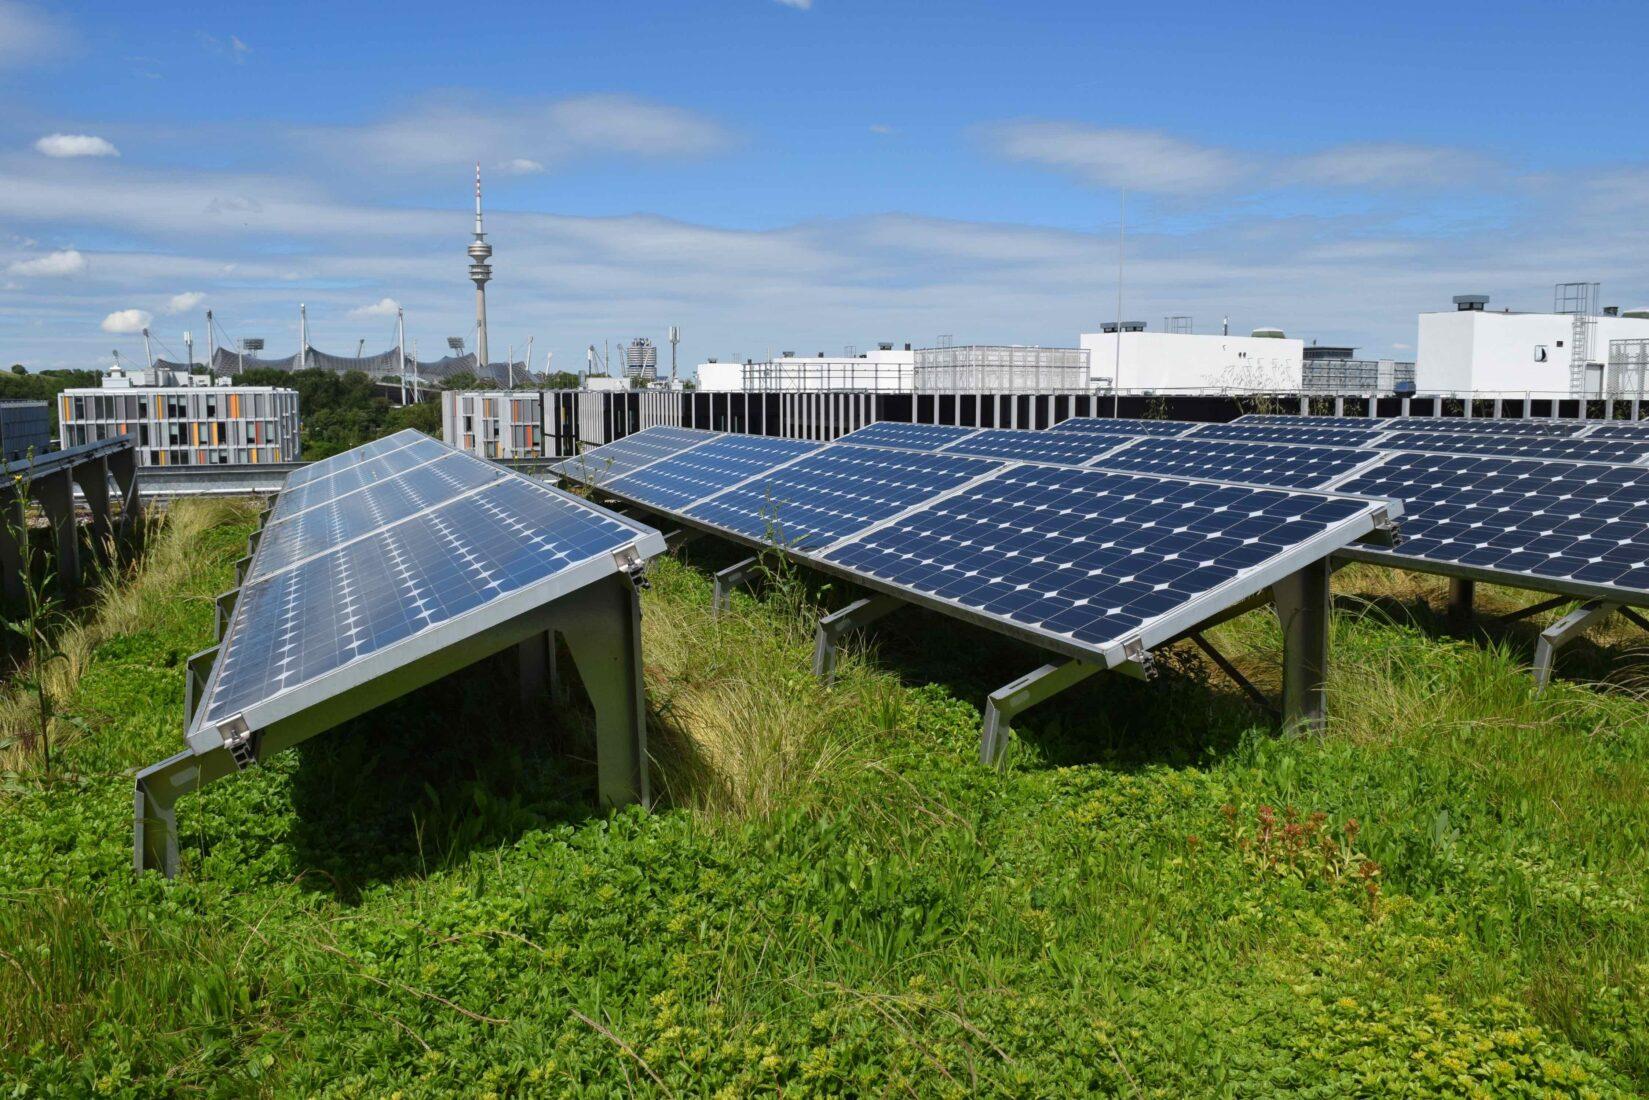 Mustergültiges Solar-Gründach mit ausreichenden Abständen. Foto: BuGG / G. Mann